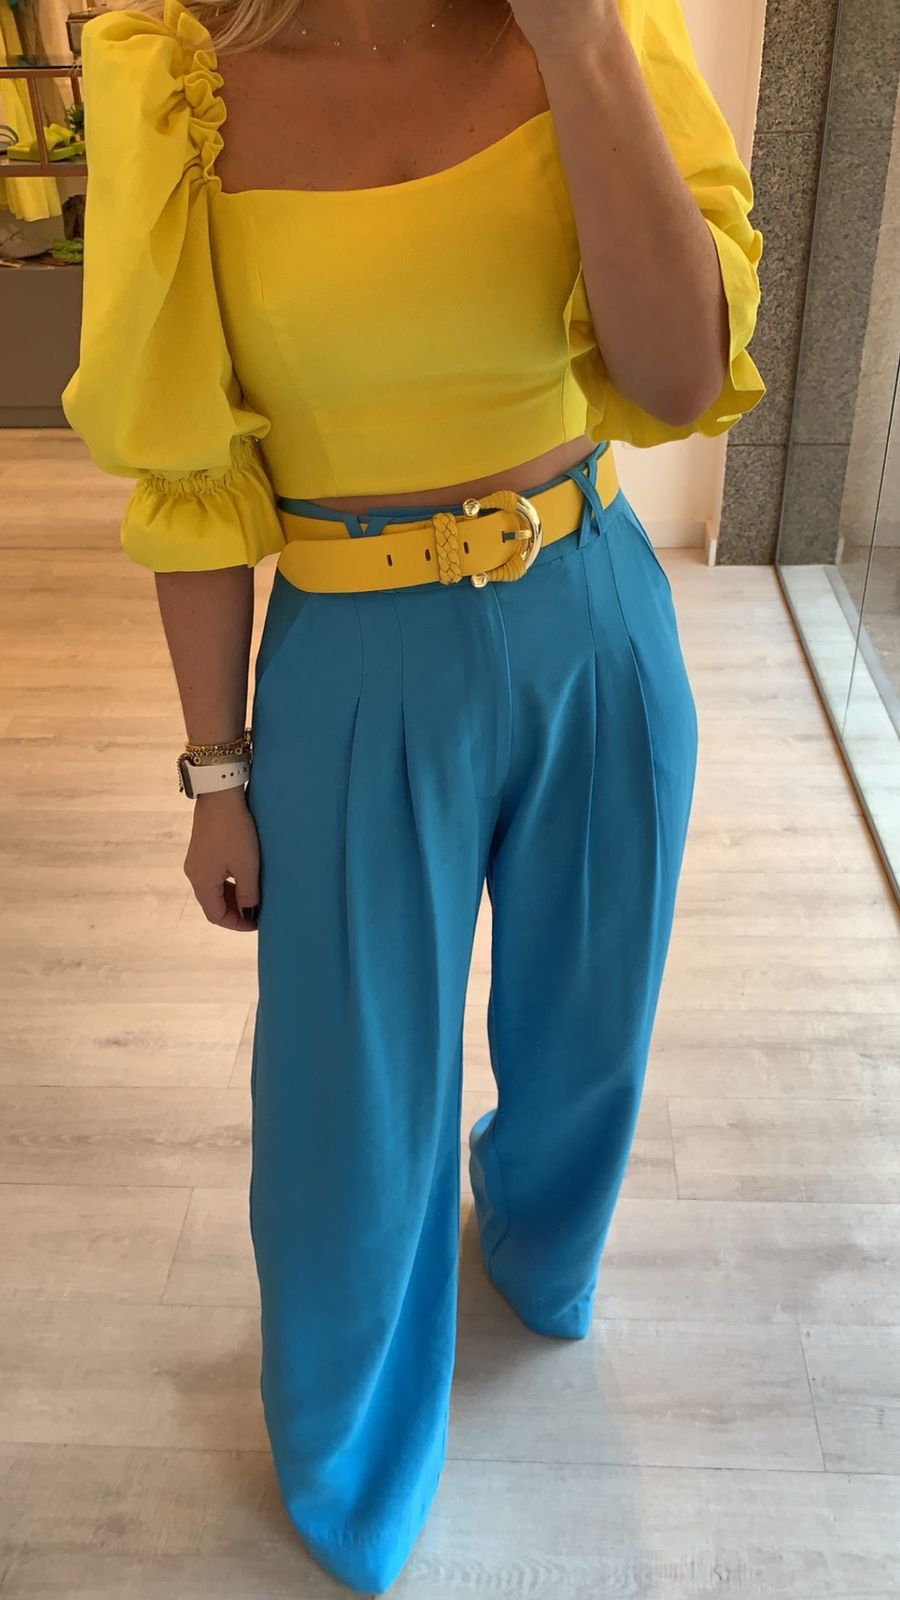 Pantalona Pregas